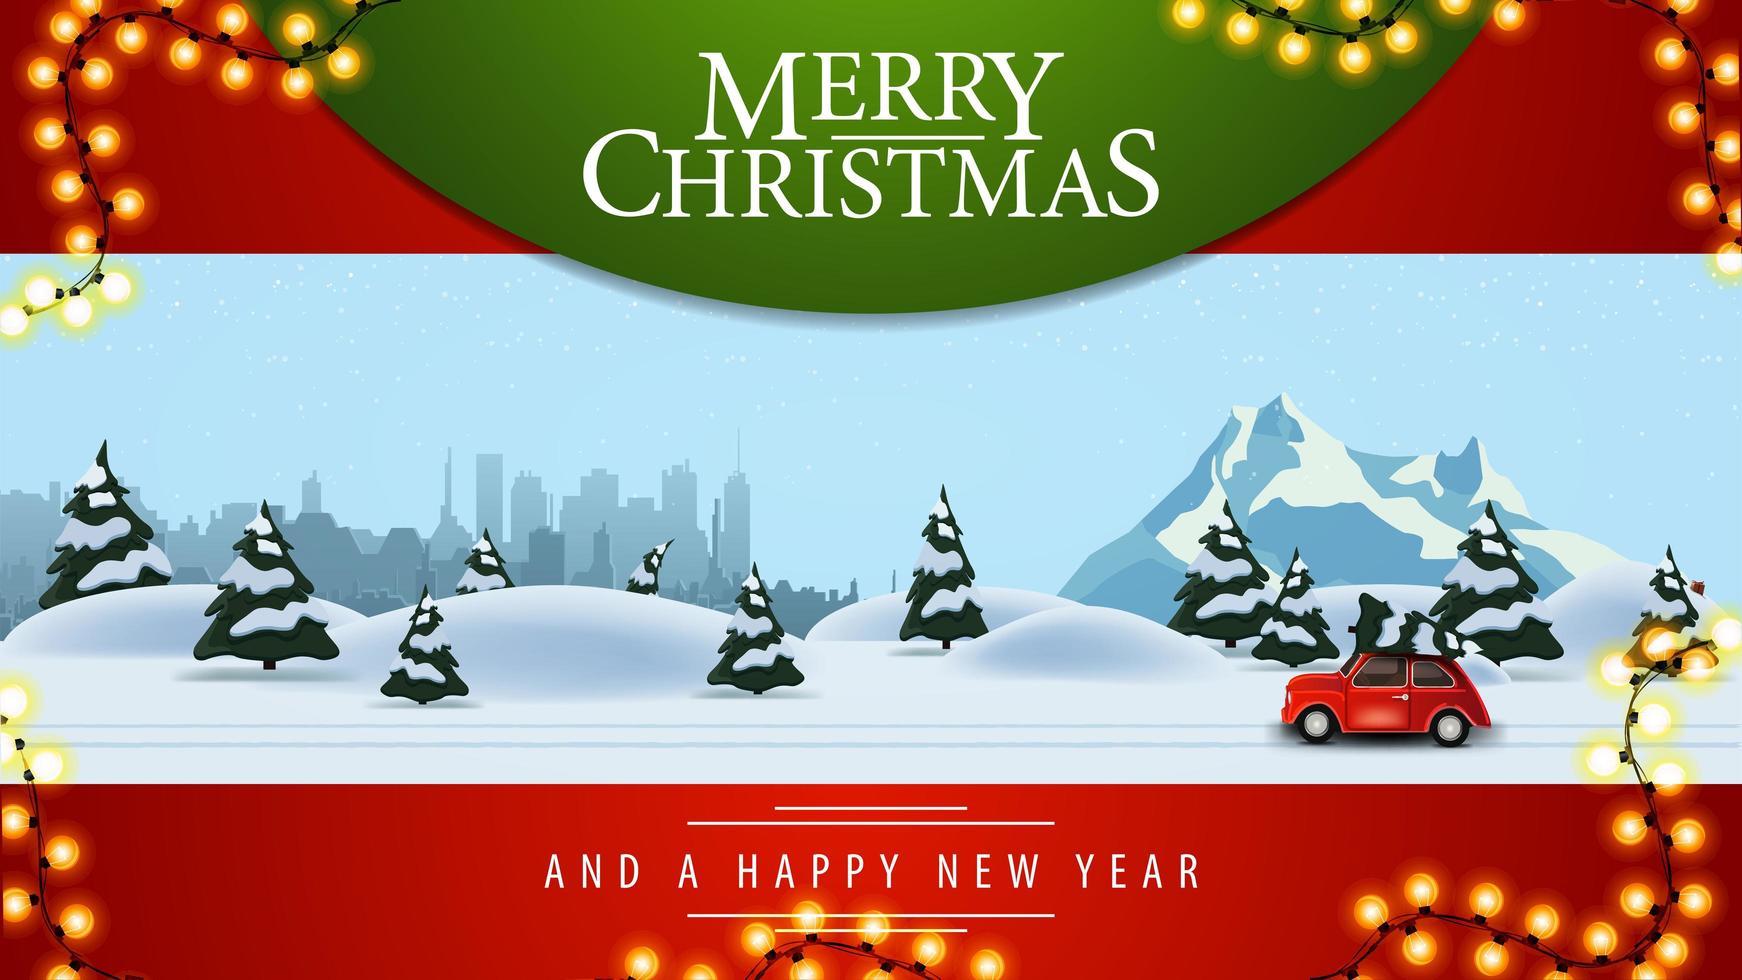 Joyeux Noël, belle carte postale rouge avec illustration de la forêt d'hiver de pins, ville silhouette, montagne enneigée et voiture vintage rouge portant arbre de Noël vecteur